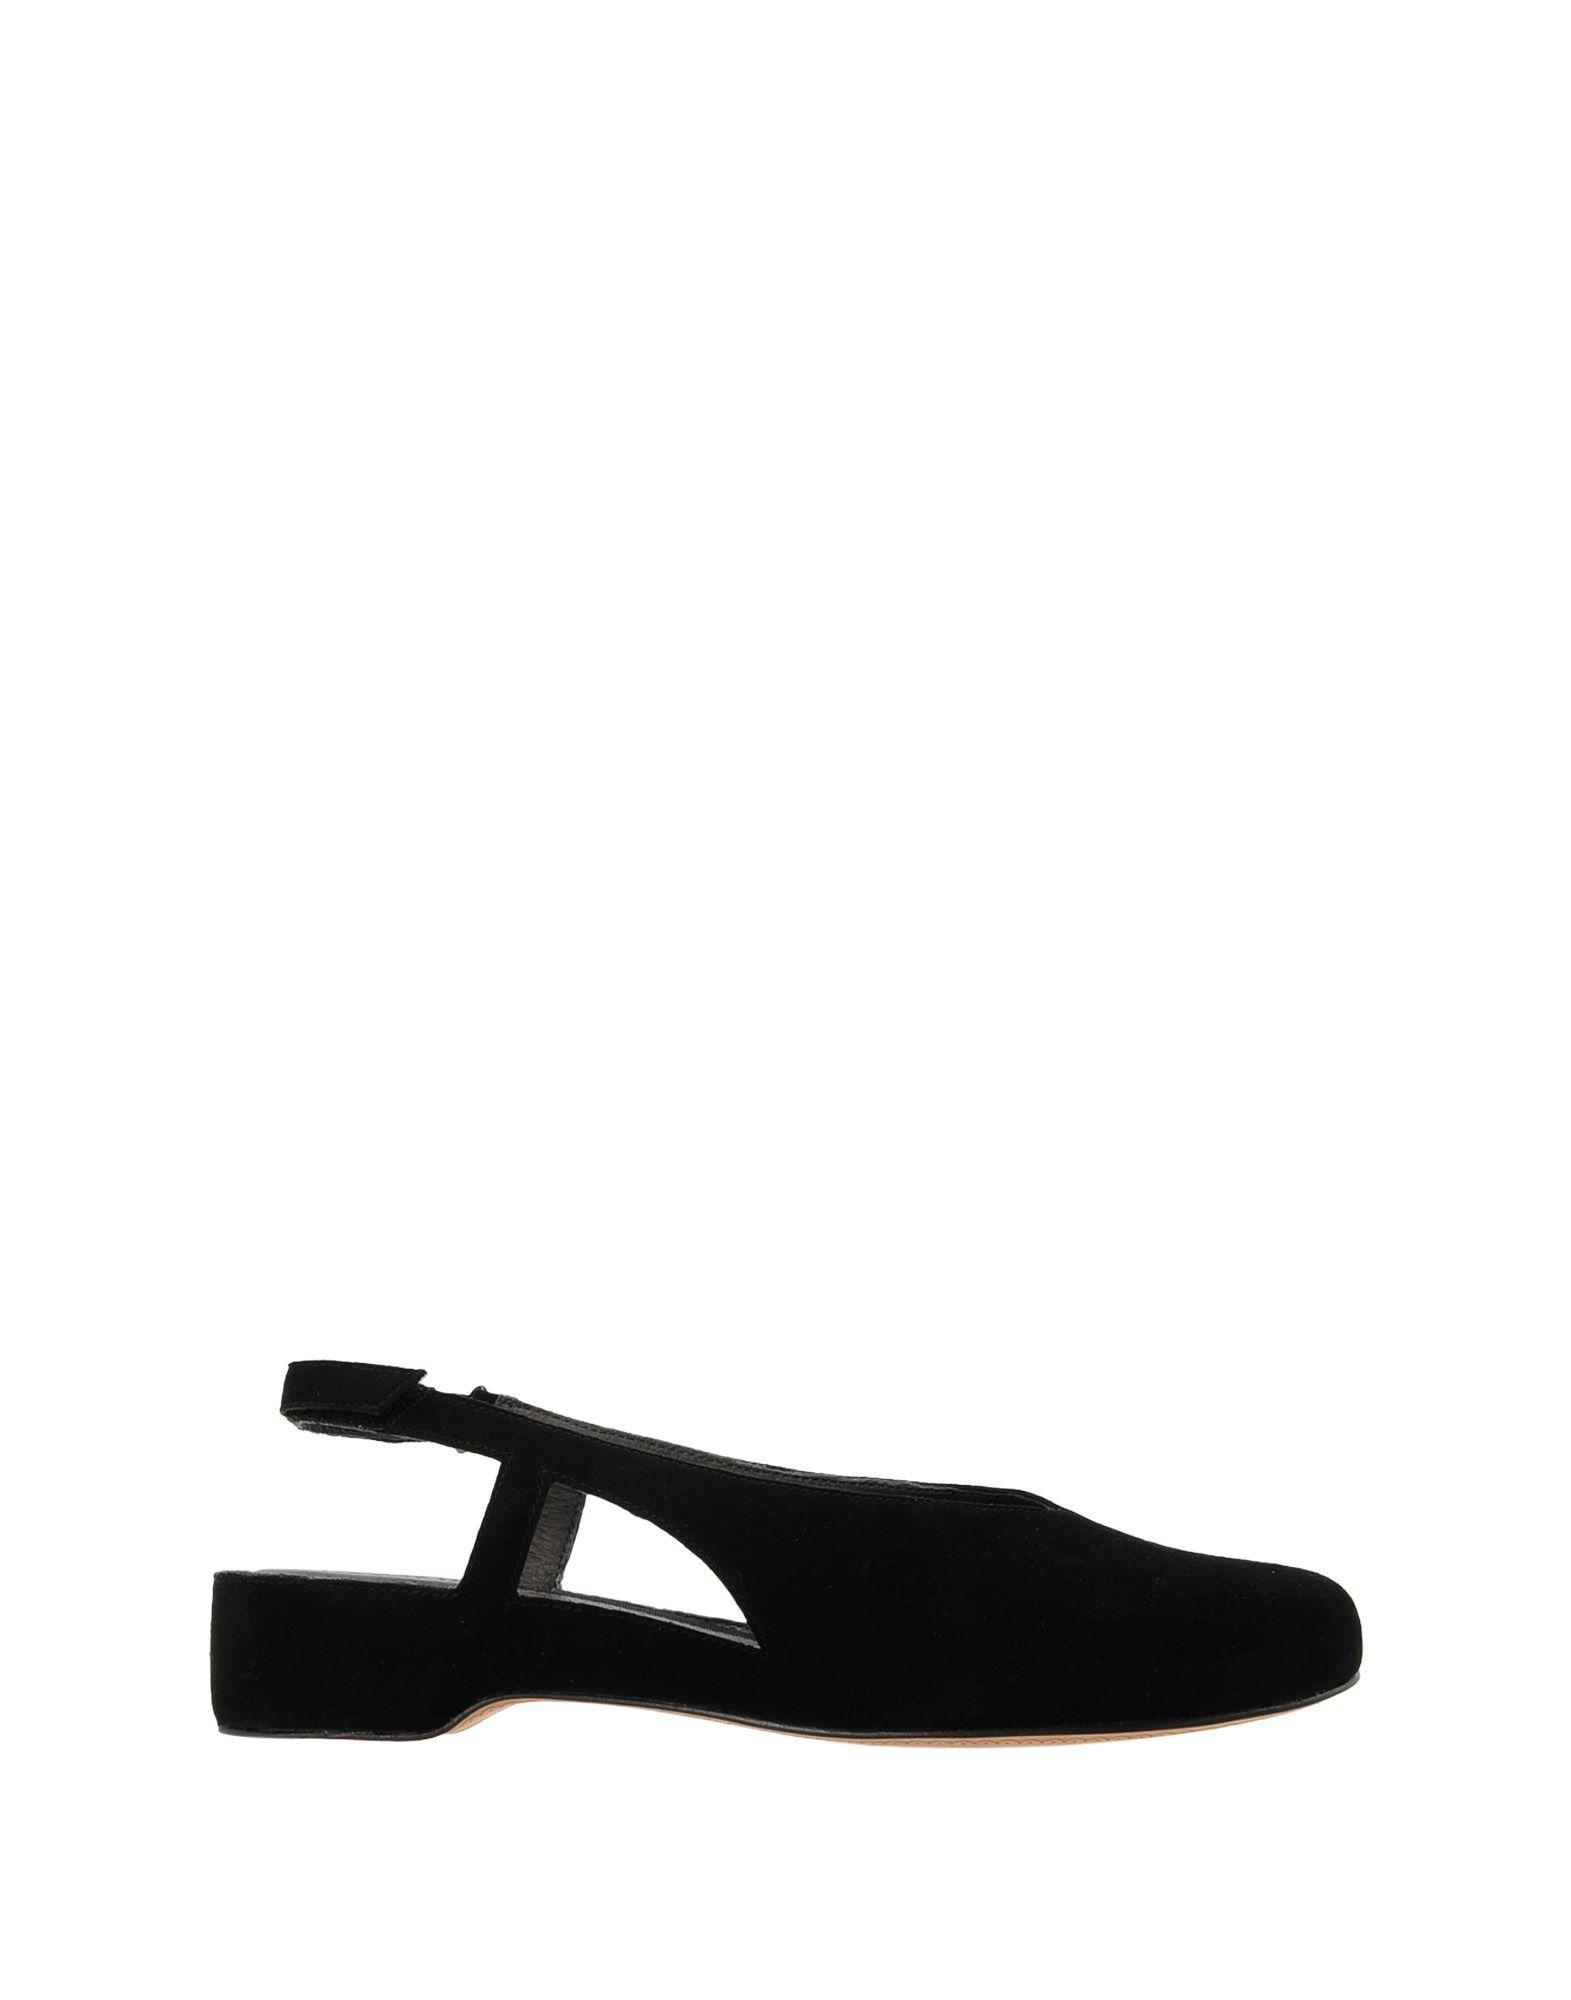 Chaussures - Tribunaux Chrissie Morris BsAxtd6